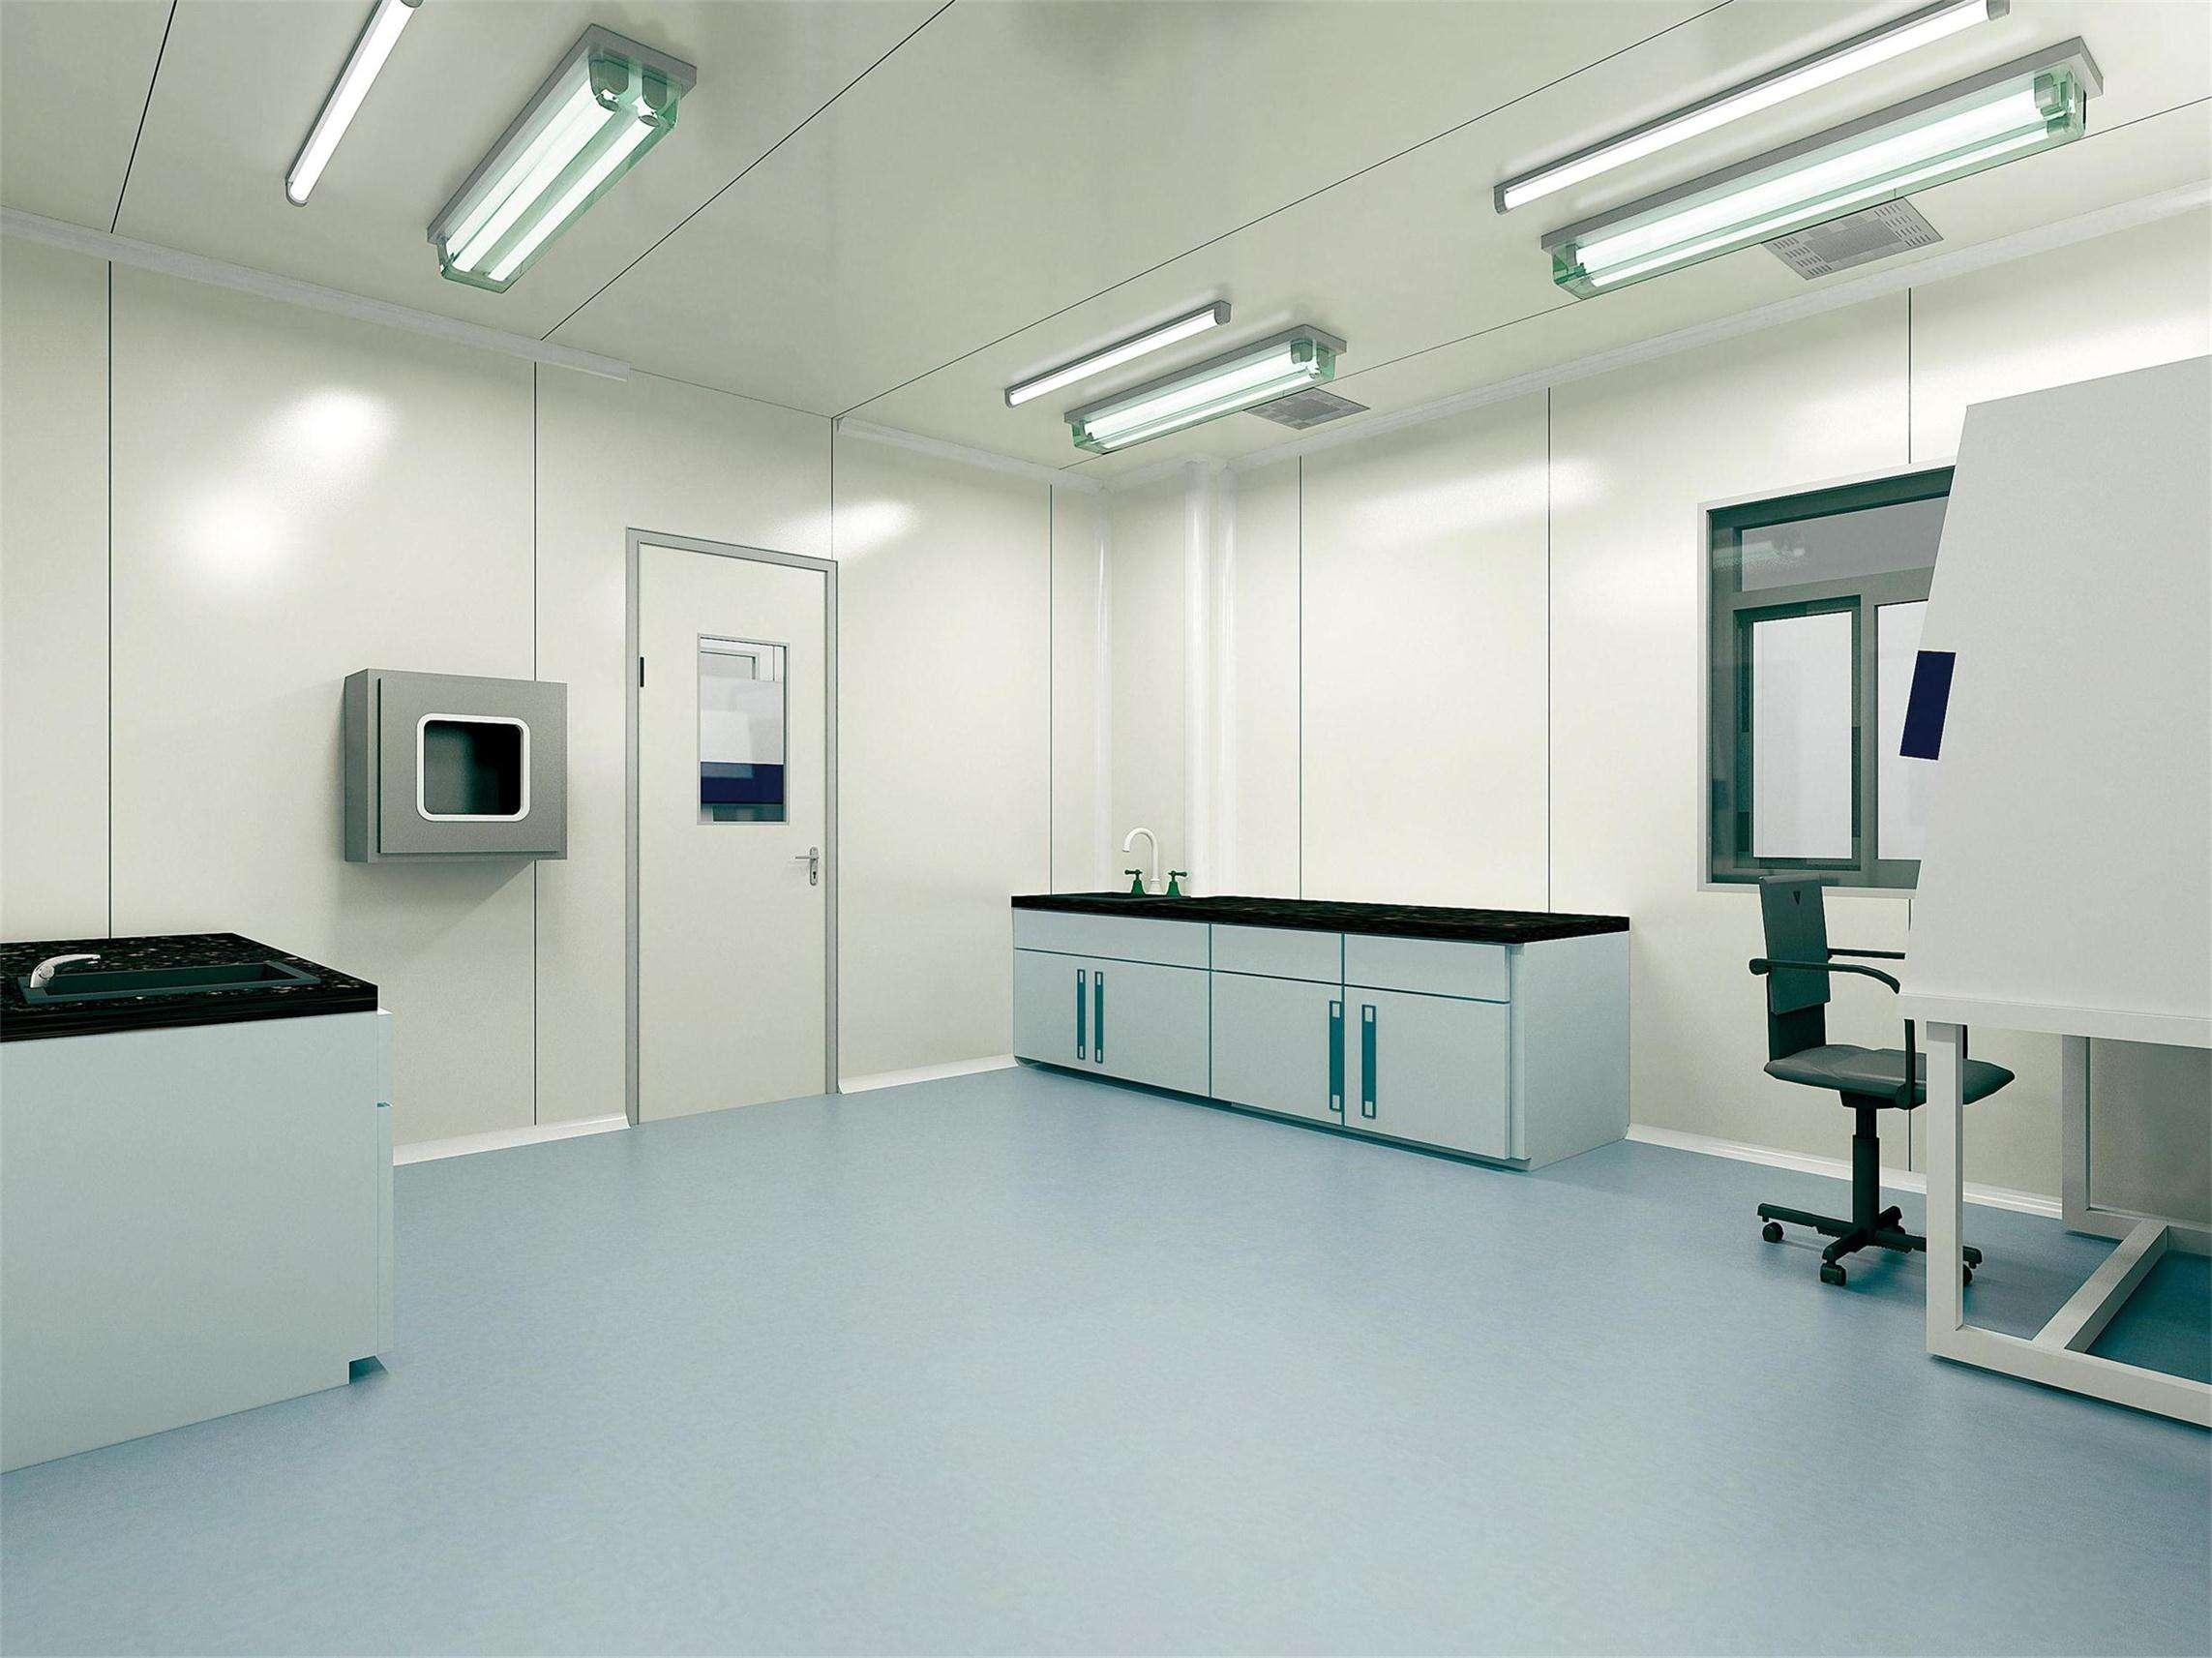 微生物实验室设计要求